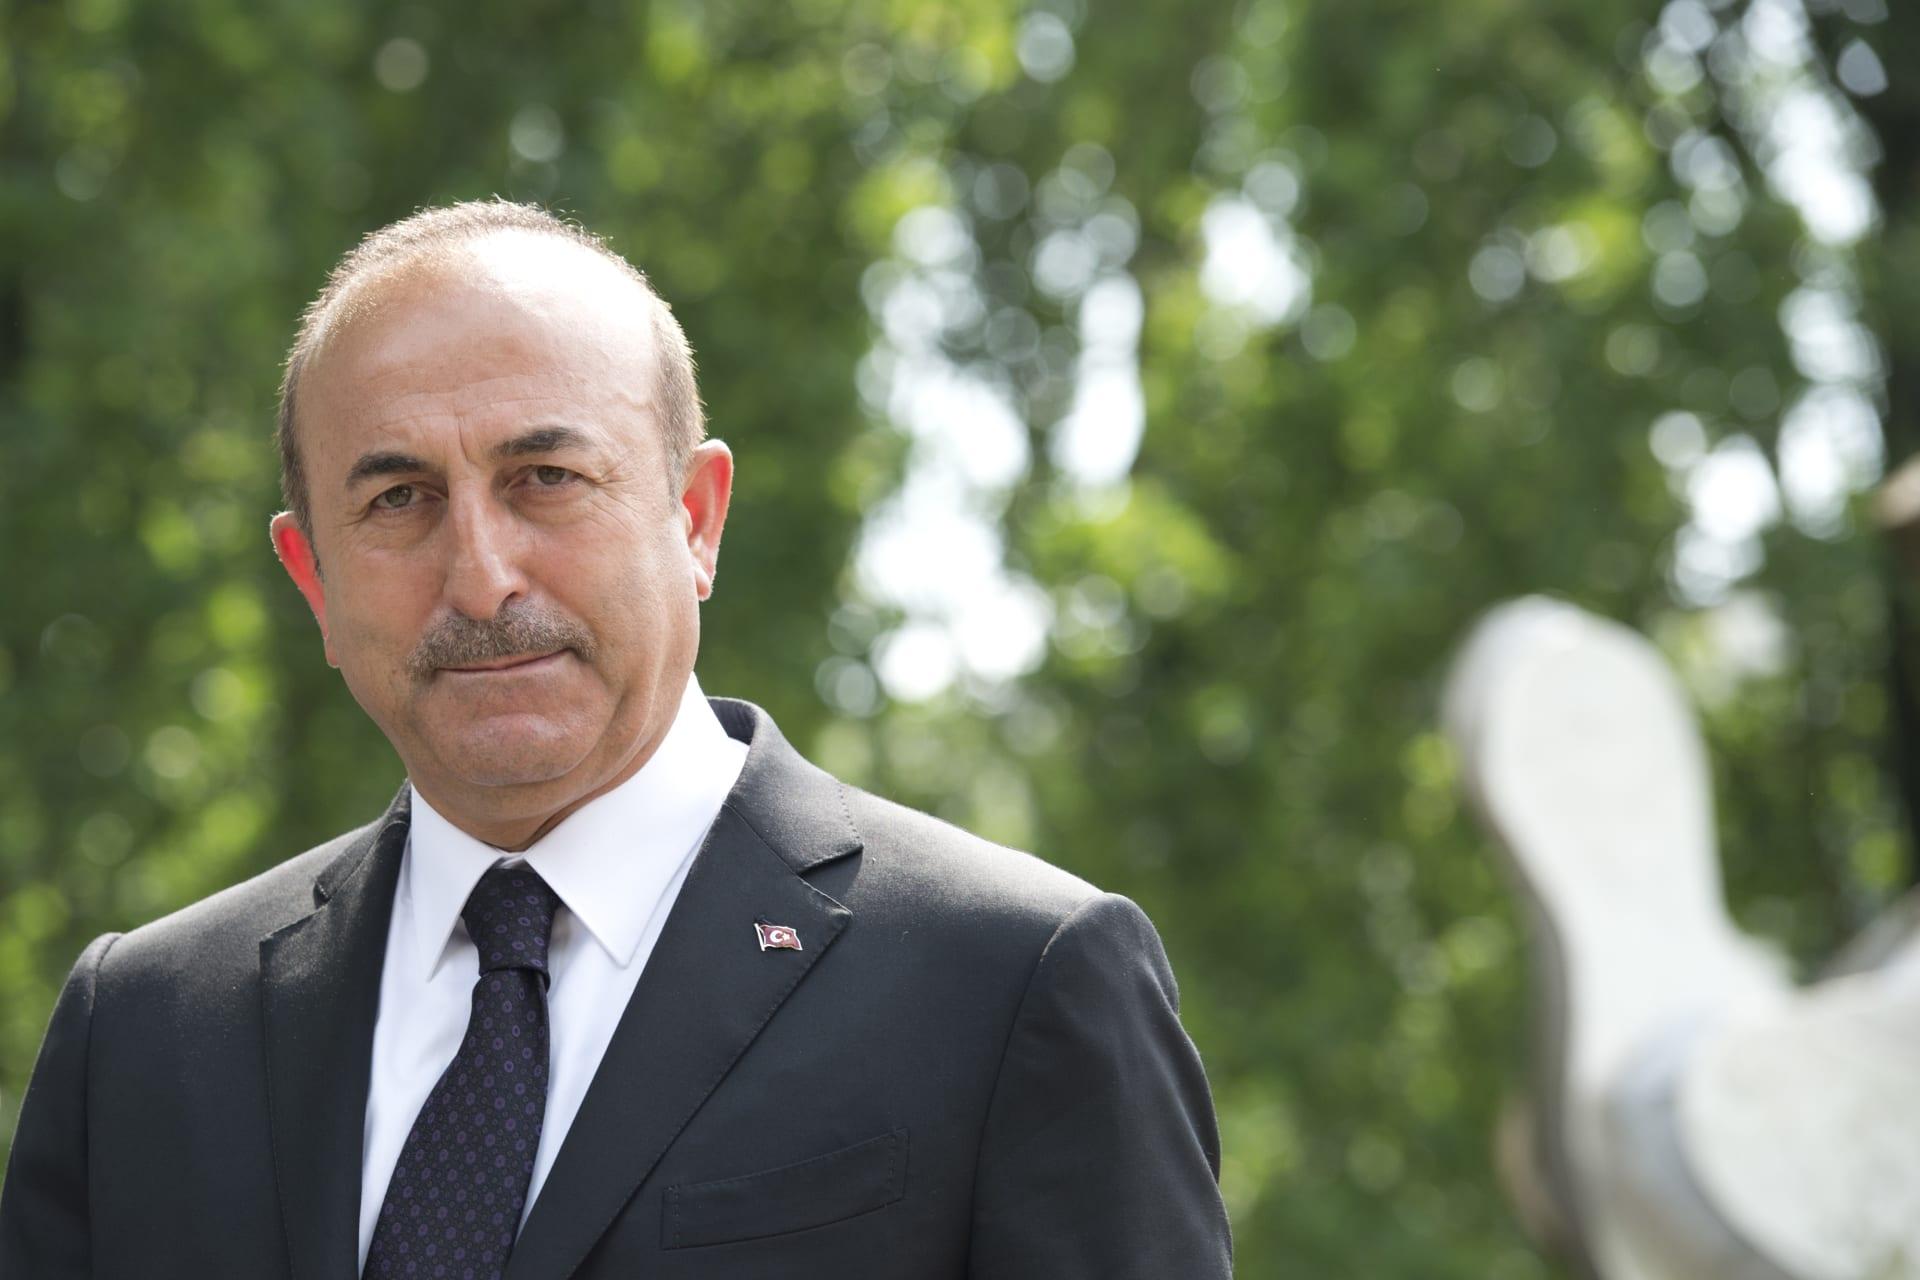 """وزير خارجية تركيا: مواقف مصر الحالية """"ليست صحيحة"""" وشروطها """"غير مقبولة"""""""